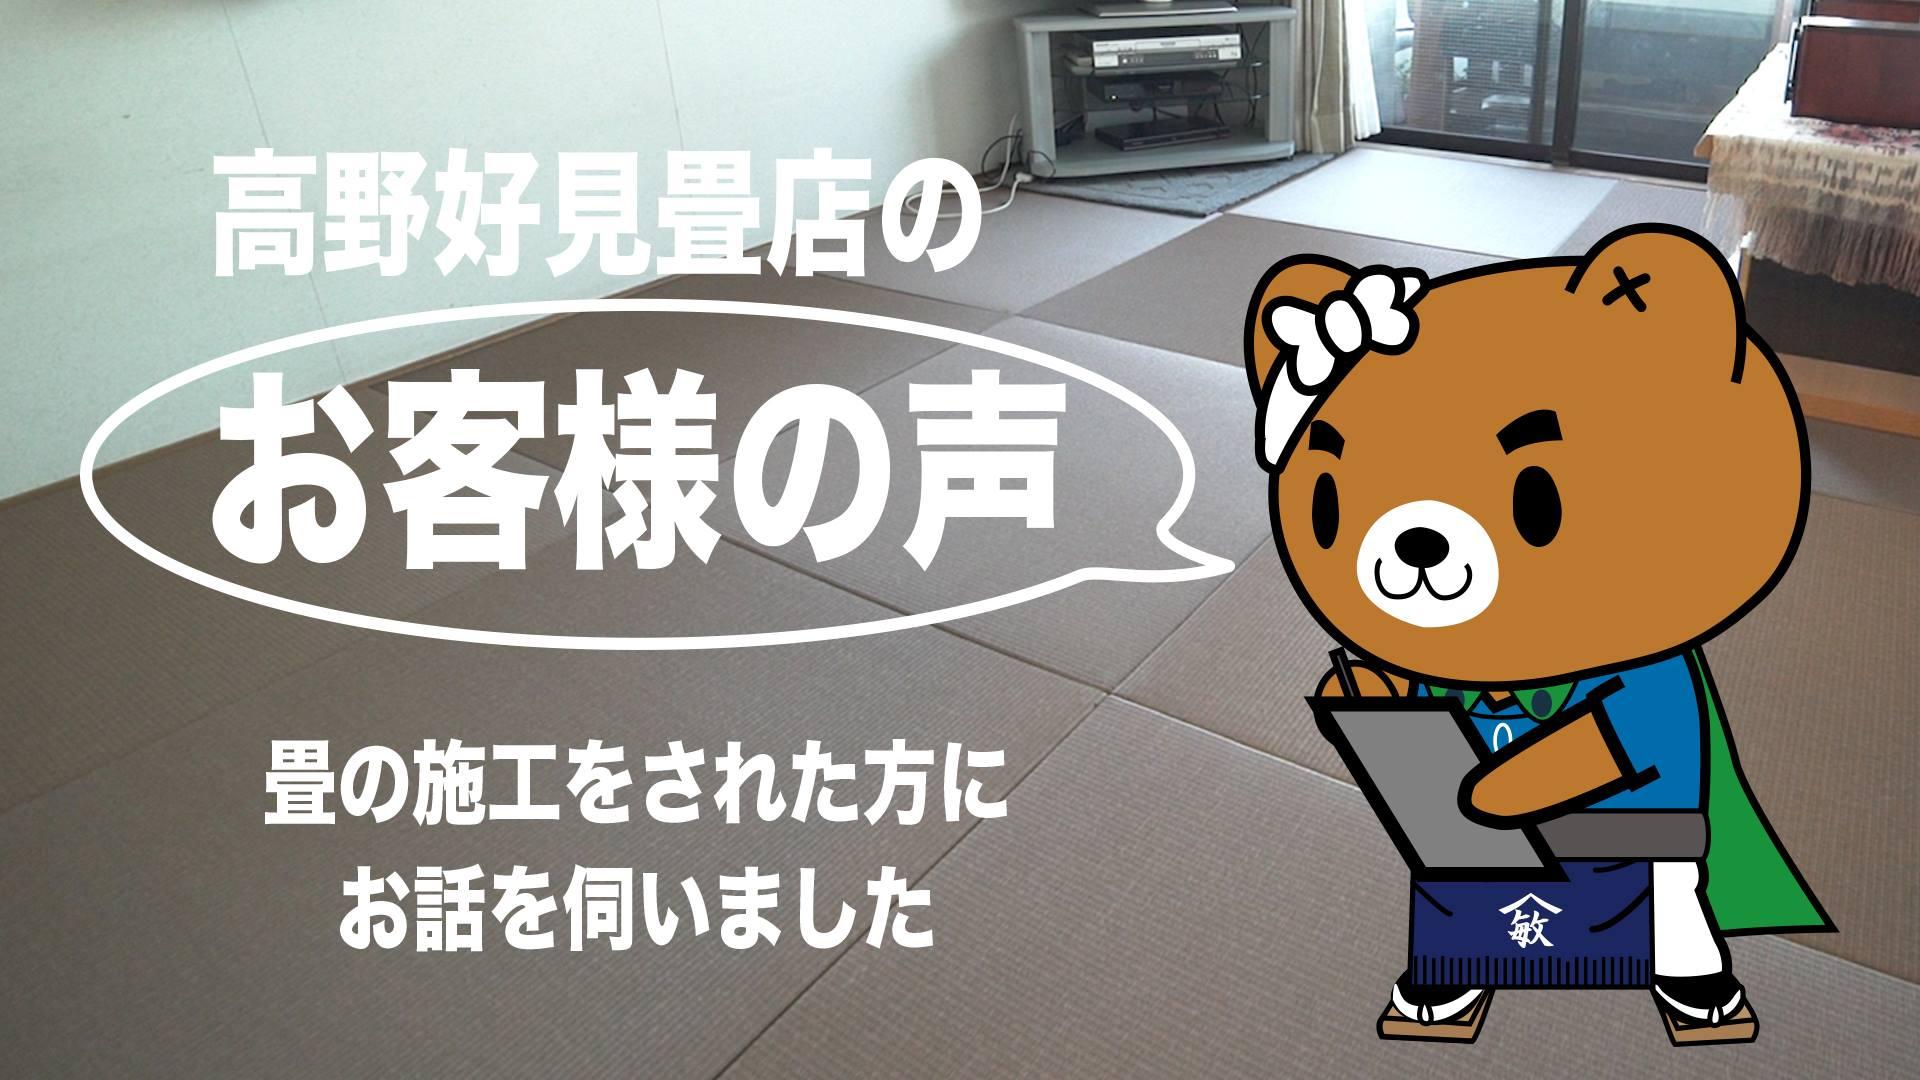 お客様インタビュー動画 日立市 高橋様